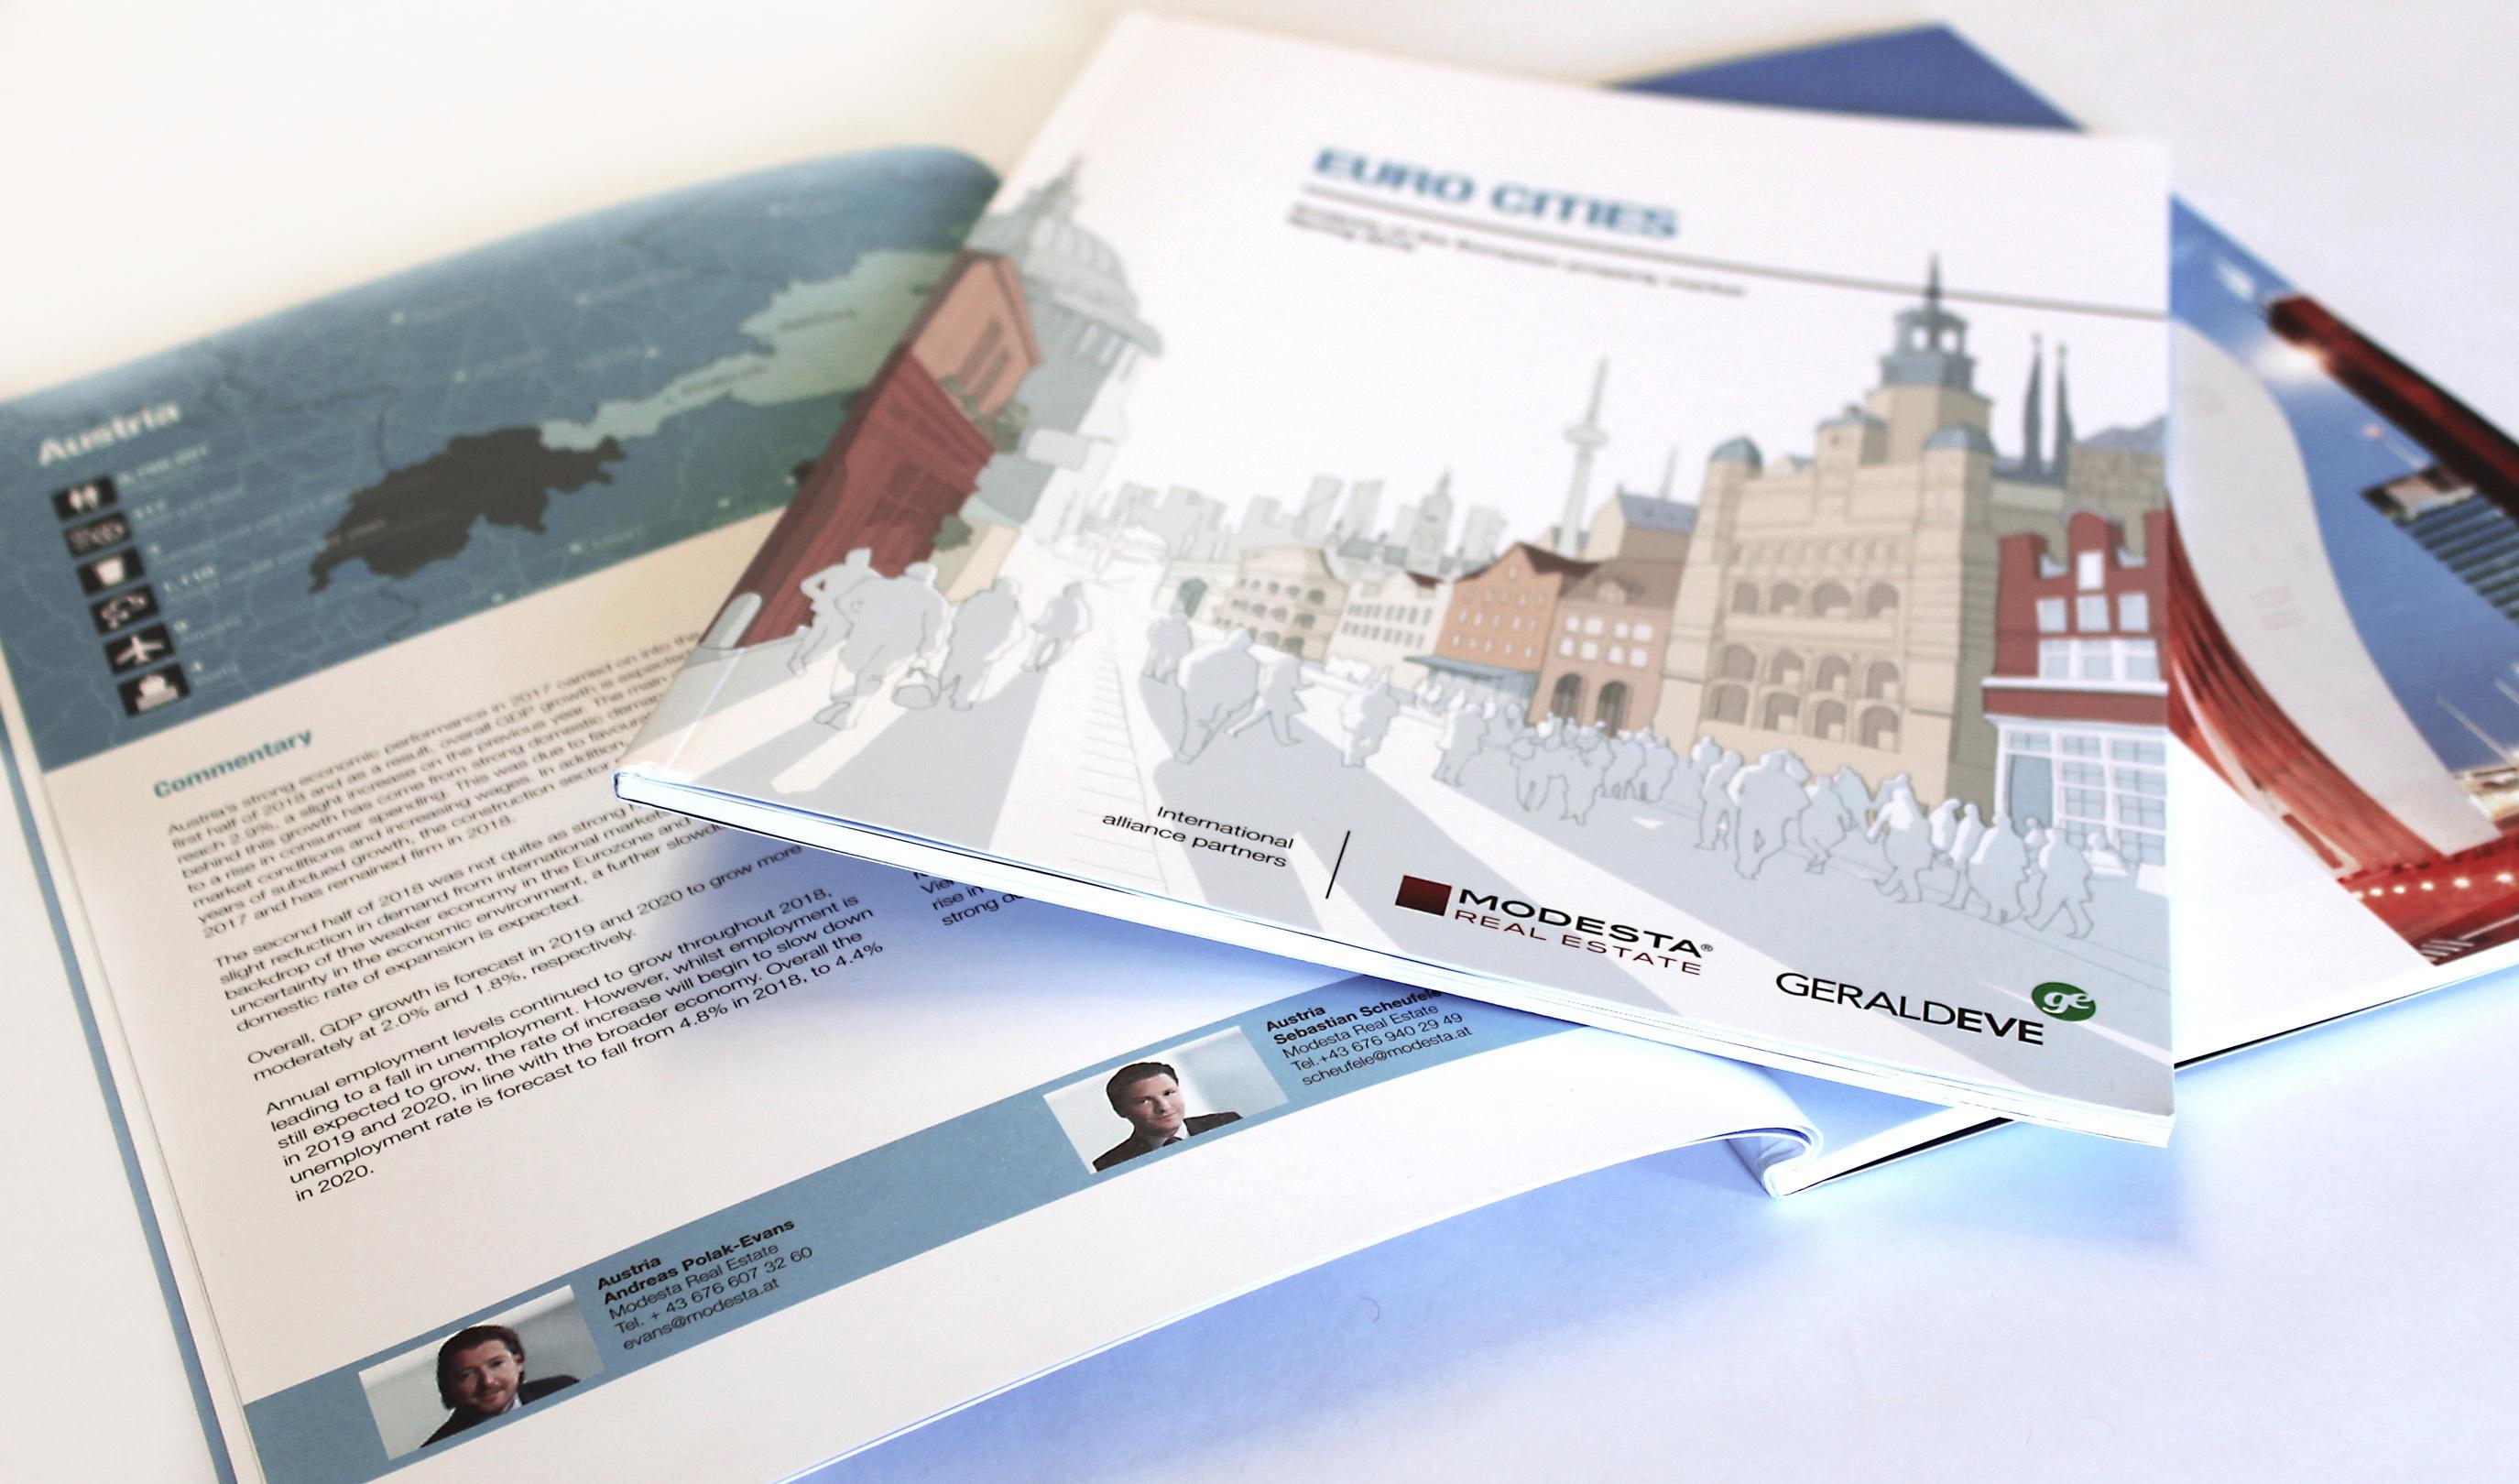 Wien/ Bratislava: Weiterhin vielversprechende Aussichten auf dem Gewerbeimmobilienmarkt